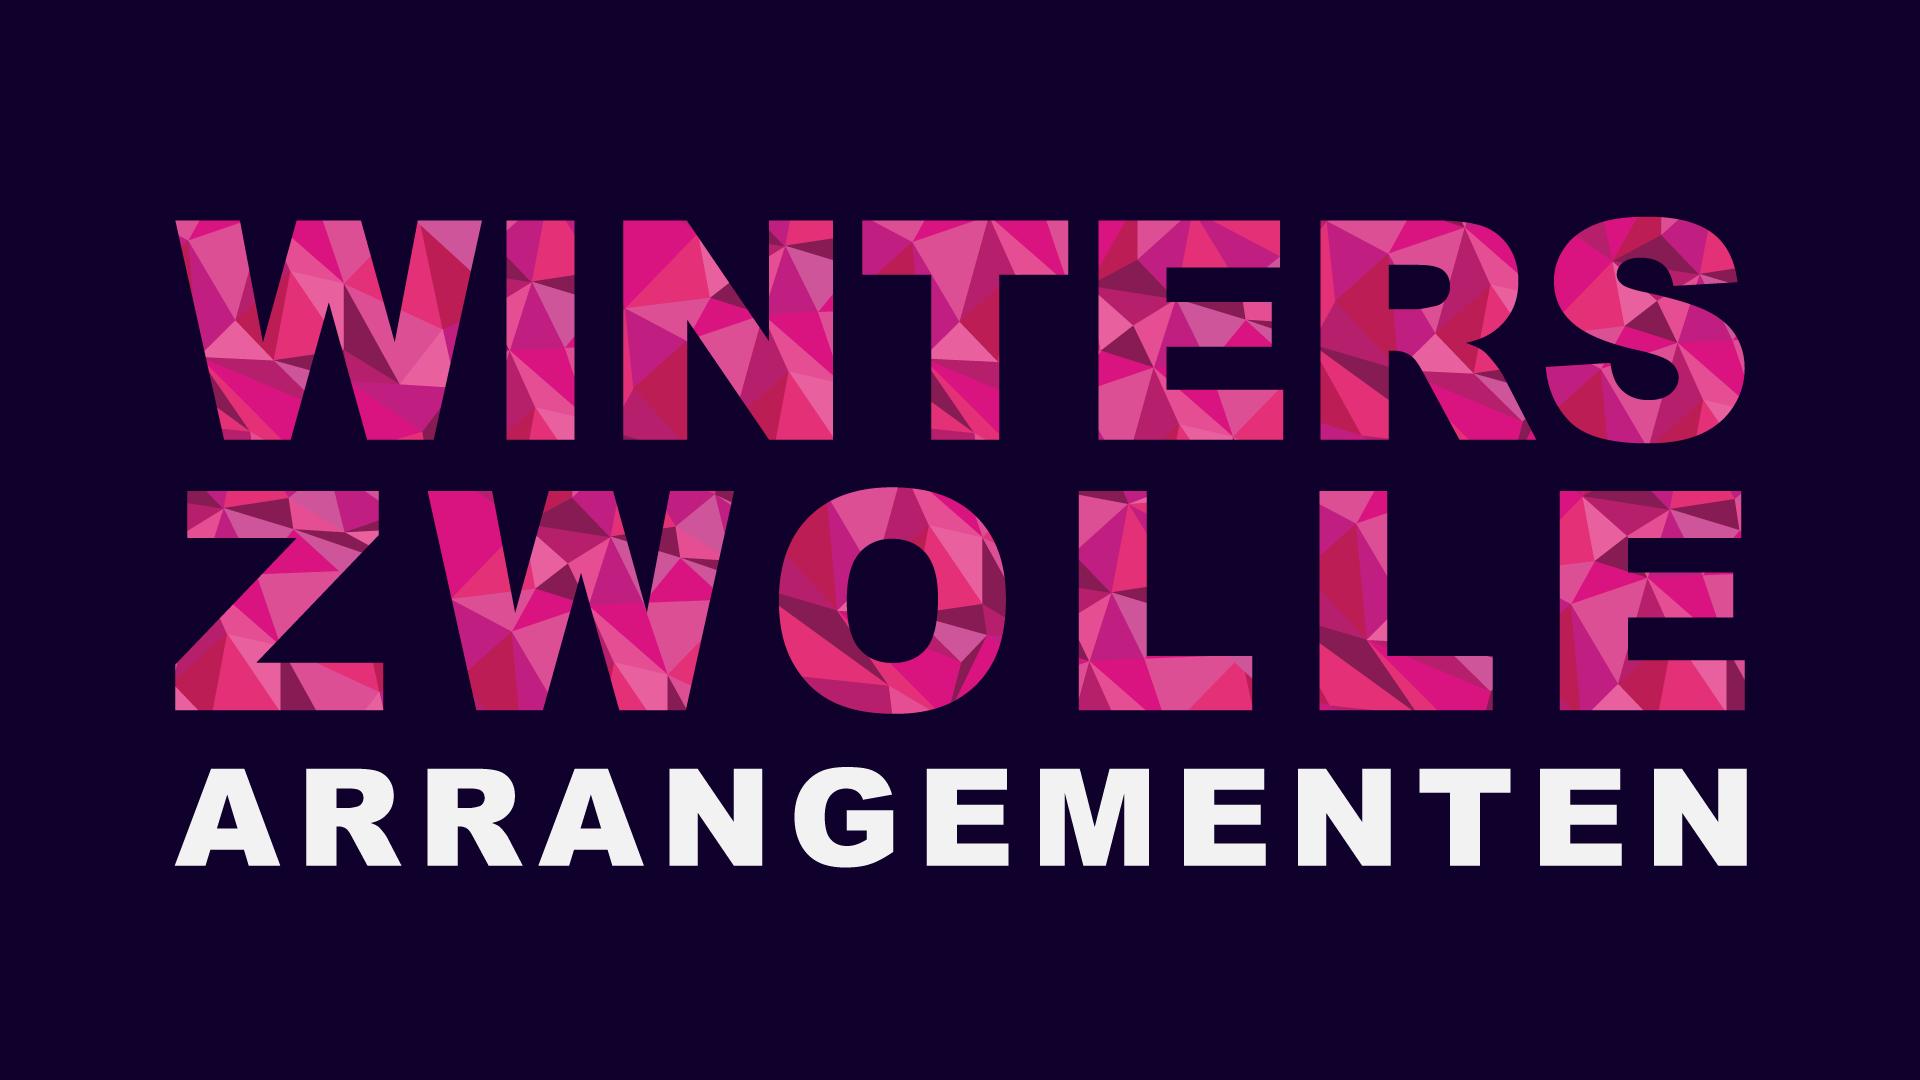 Winters Zwolle